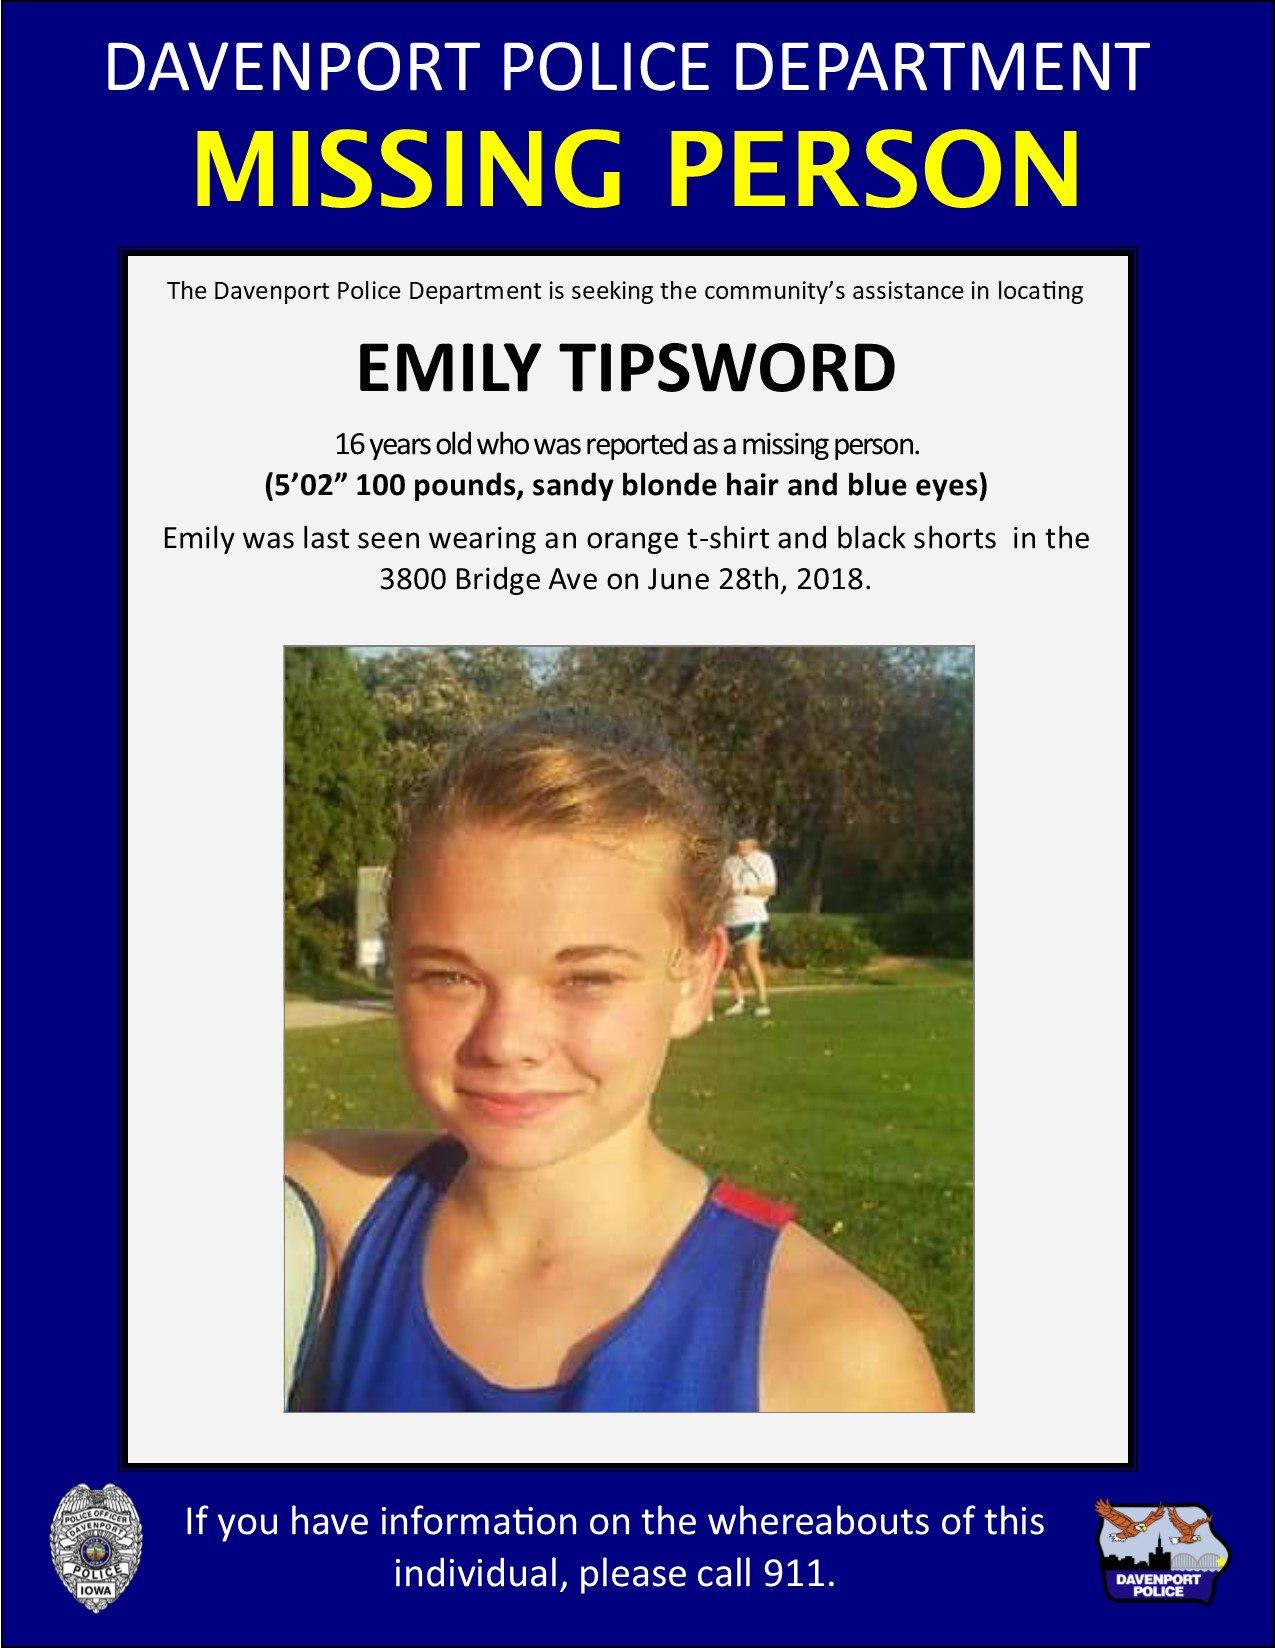 Emily Tipsword